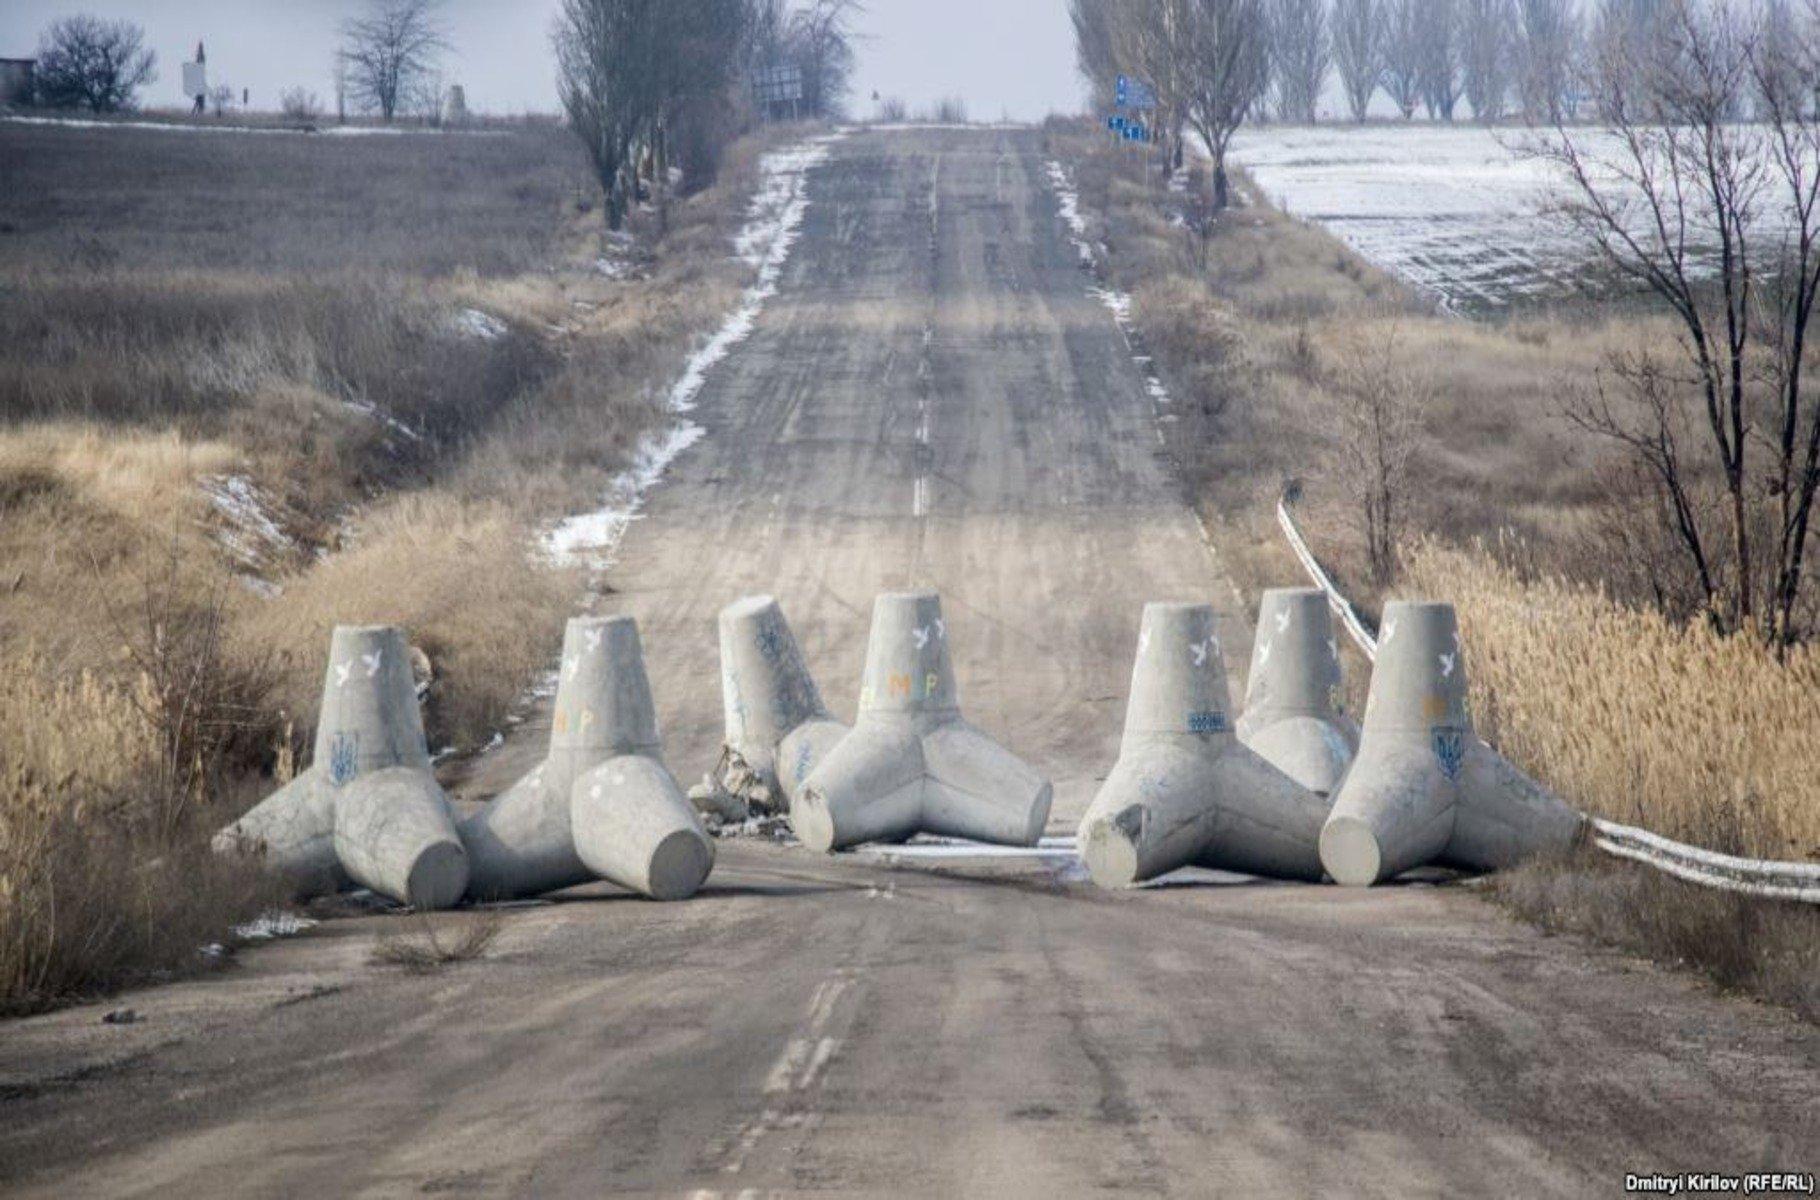 Евгений Магда: Донбасс: статус-кво с вариациями